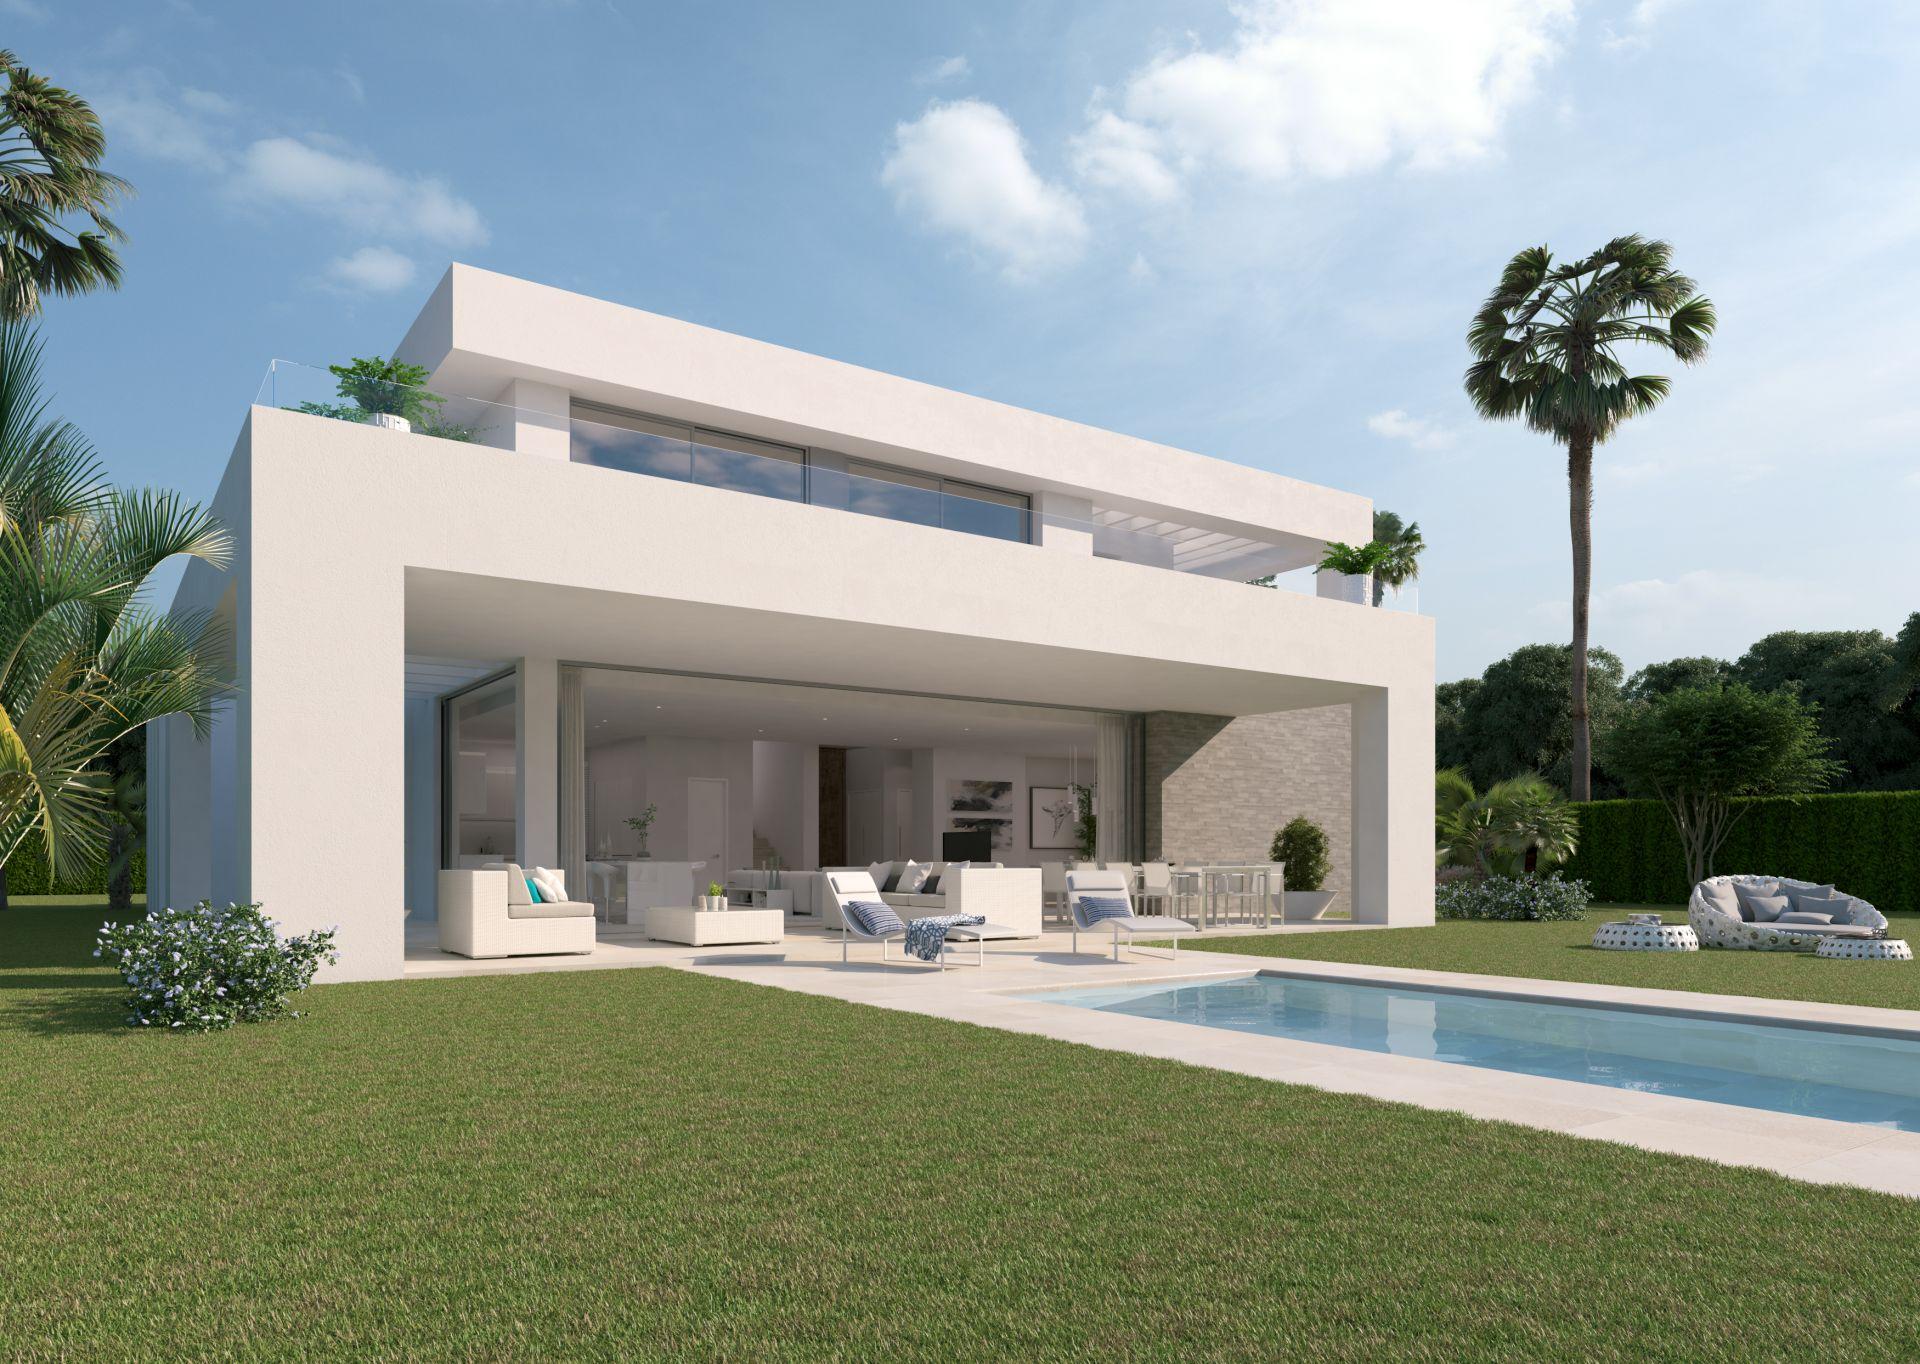 projekt fr 33 moderne villen im la cala golf resort in la cala - Moderne Villen